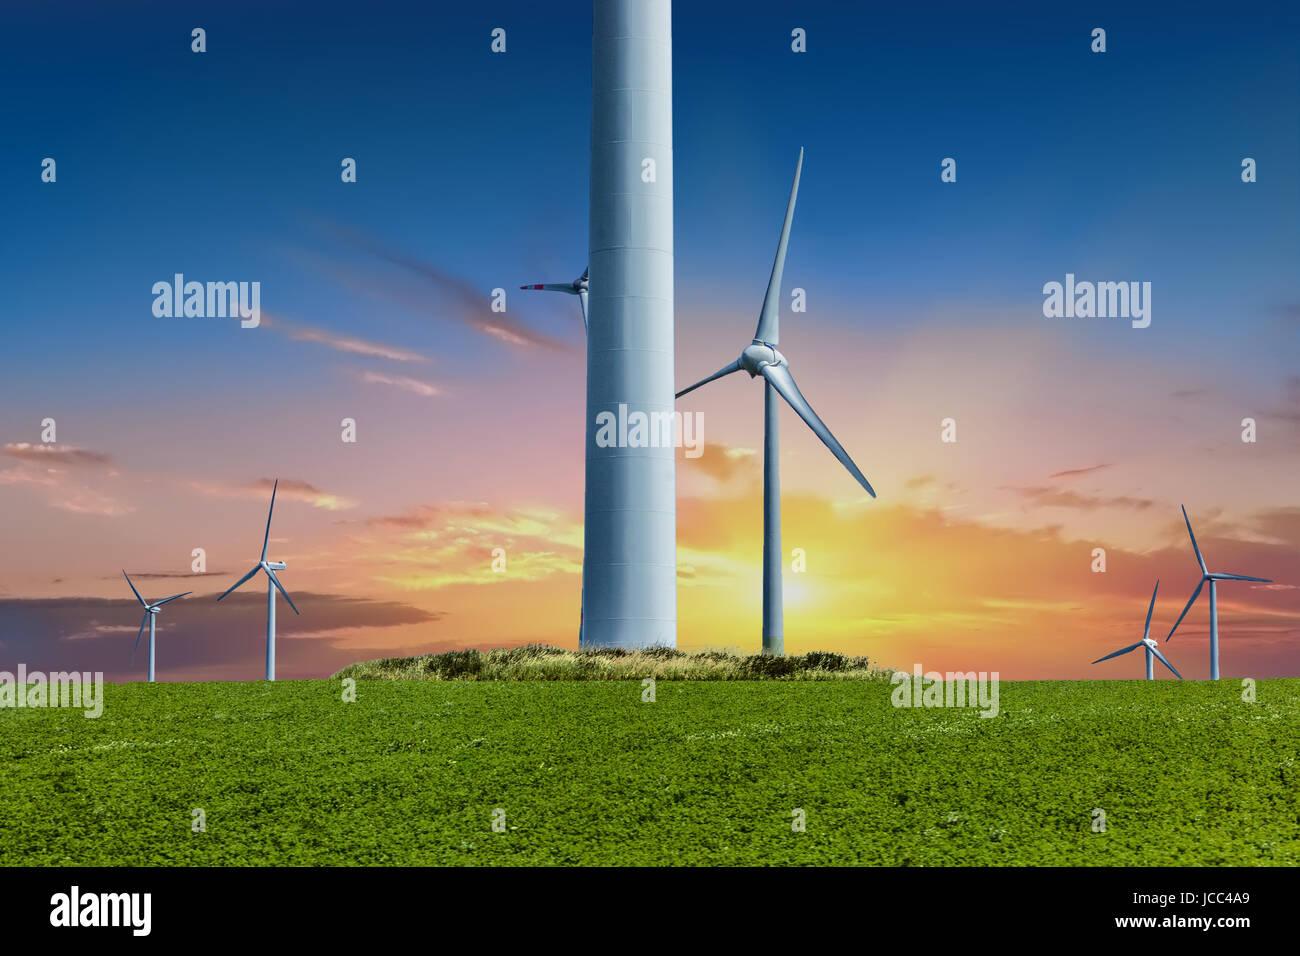 Alternative Energie, Windkraftanlagen, Windpark im Sonnenuntergang, Deutschland Stockbild